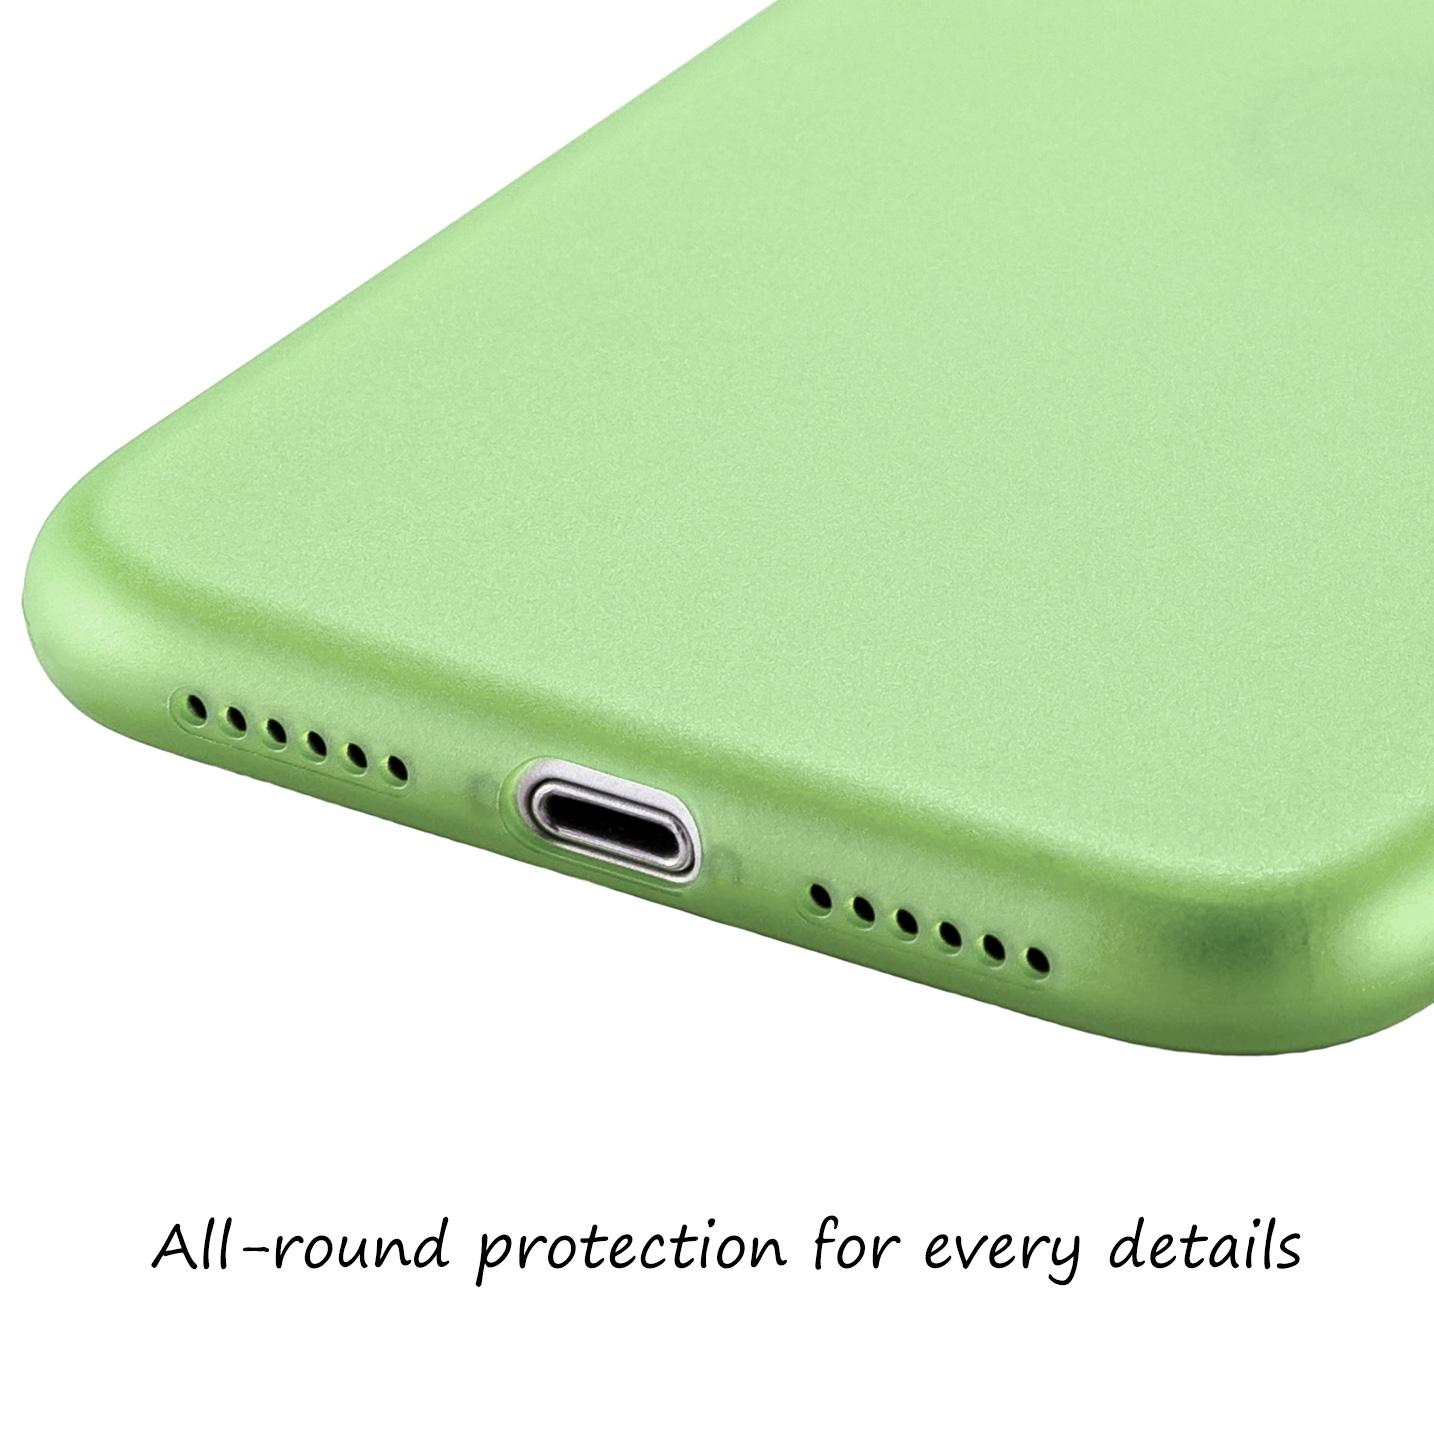 Ultra-Slim-Case-iPhone-11-6-1-034-Matt-Clear-Schutz-Huelle-Skin-Cover-Tasche-Folie Indexbild 32